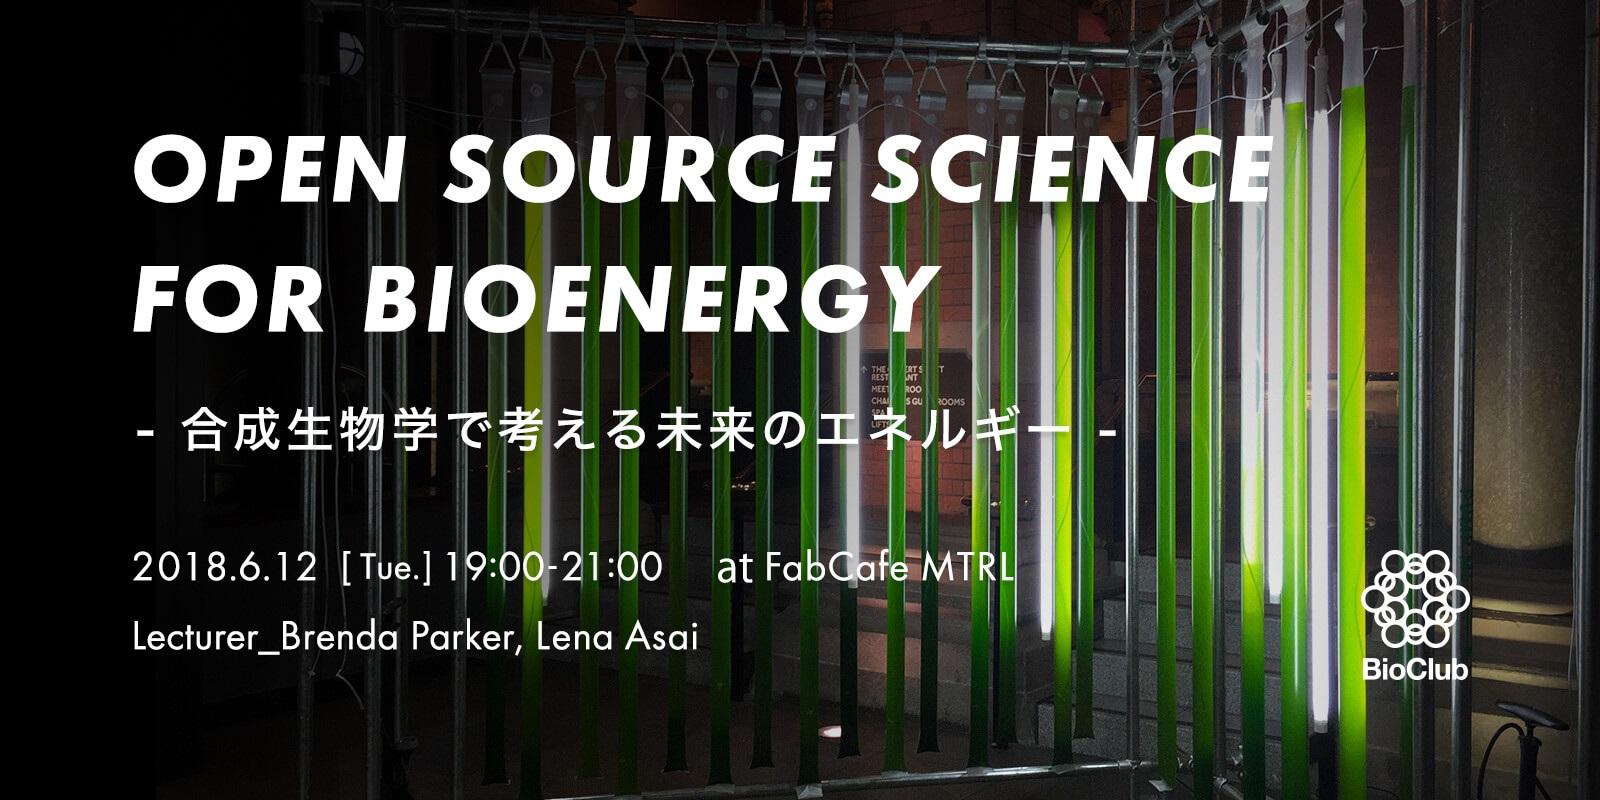 合成生物学で考える未来のエネルギー